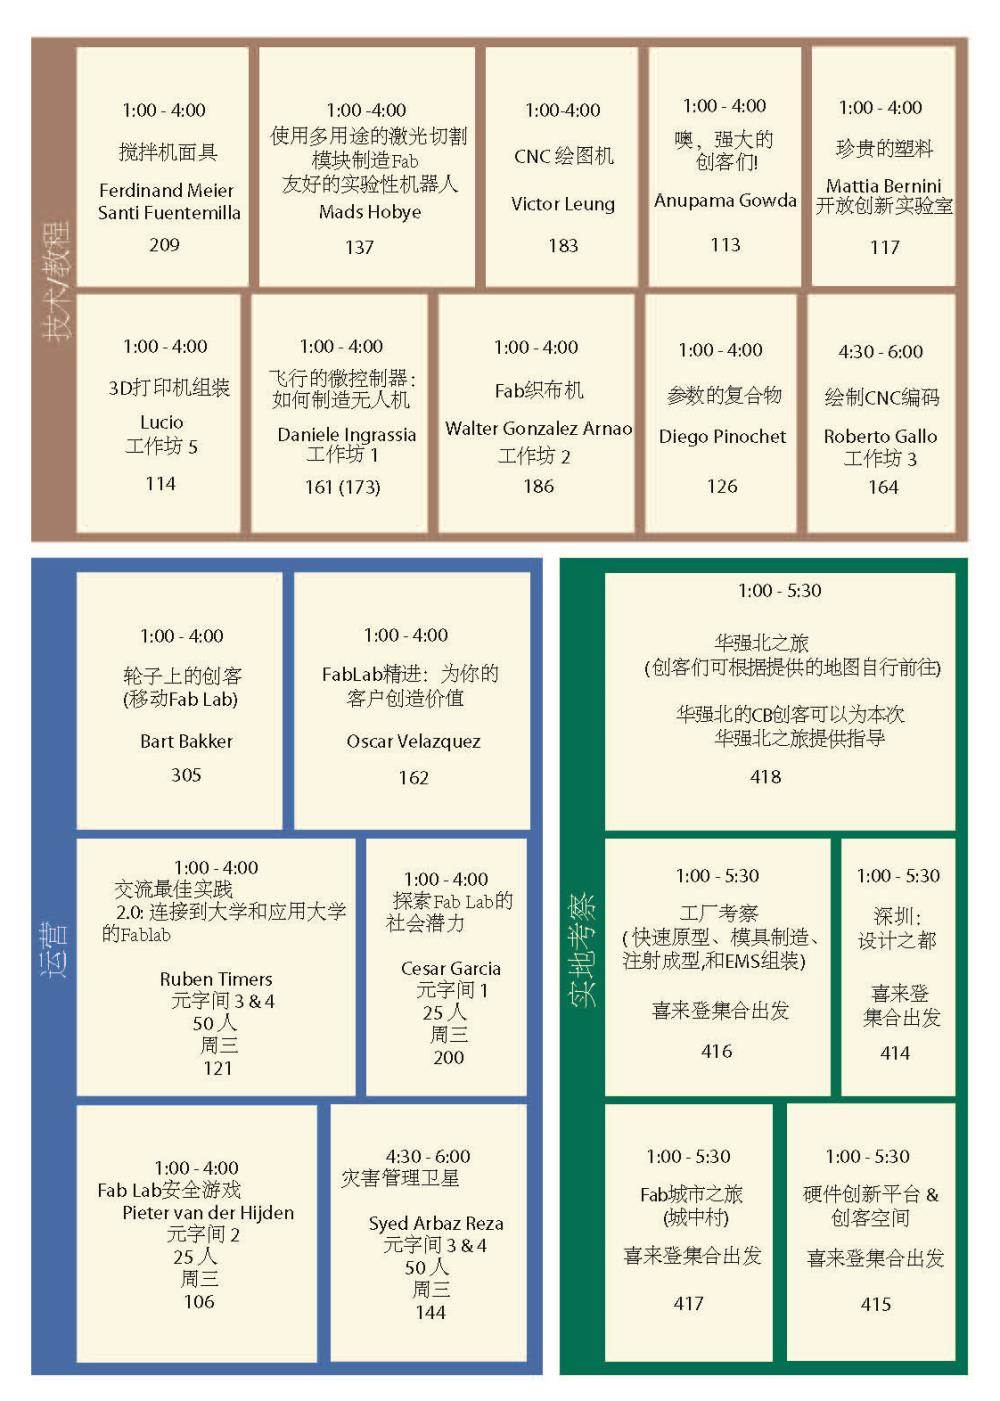 Fab12 日程安排表翻译版(721修改)_页面_2-1.jpg